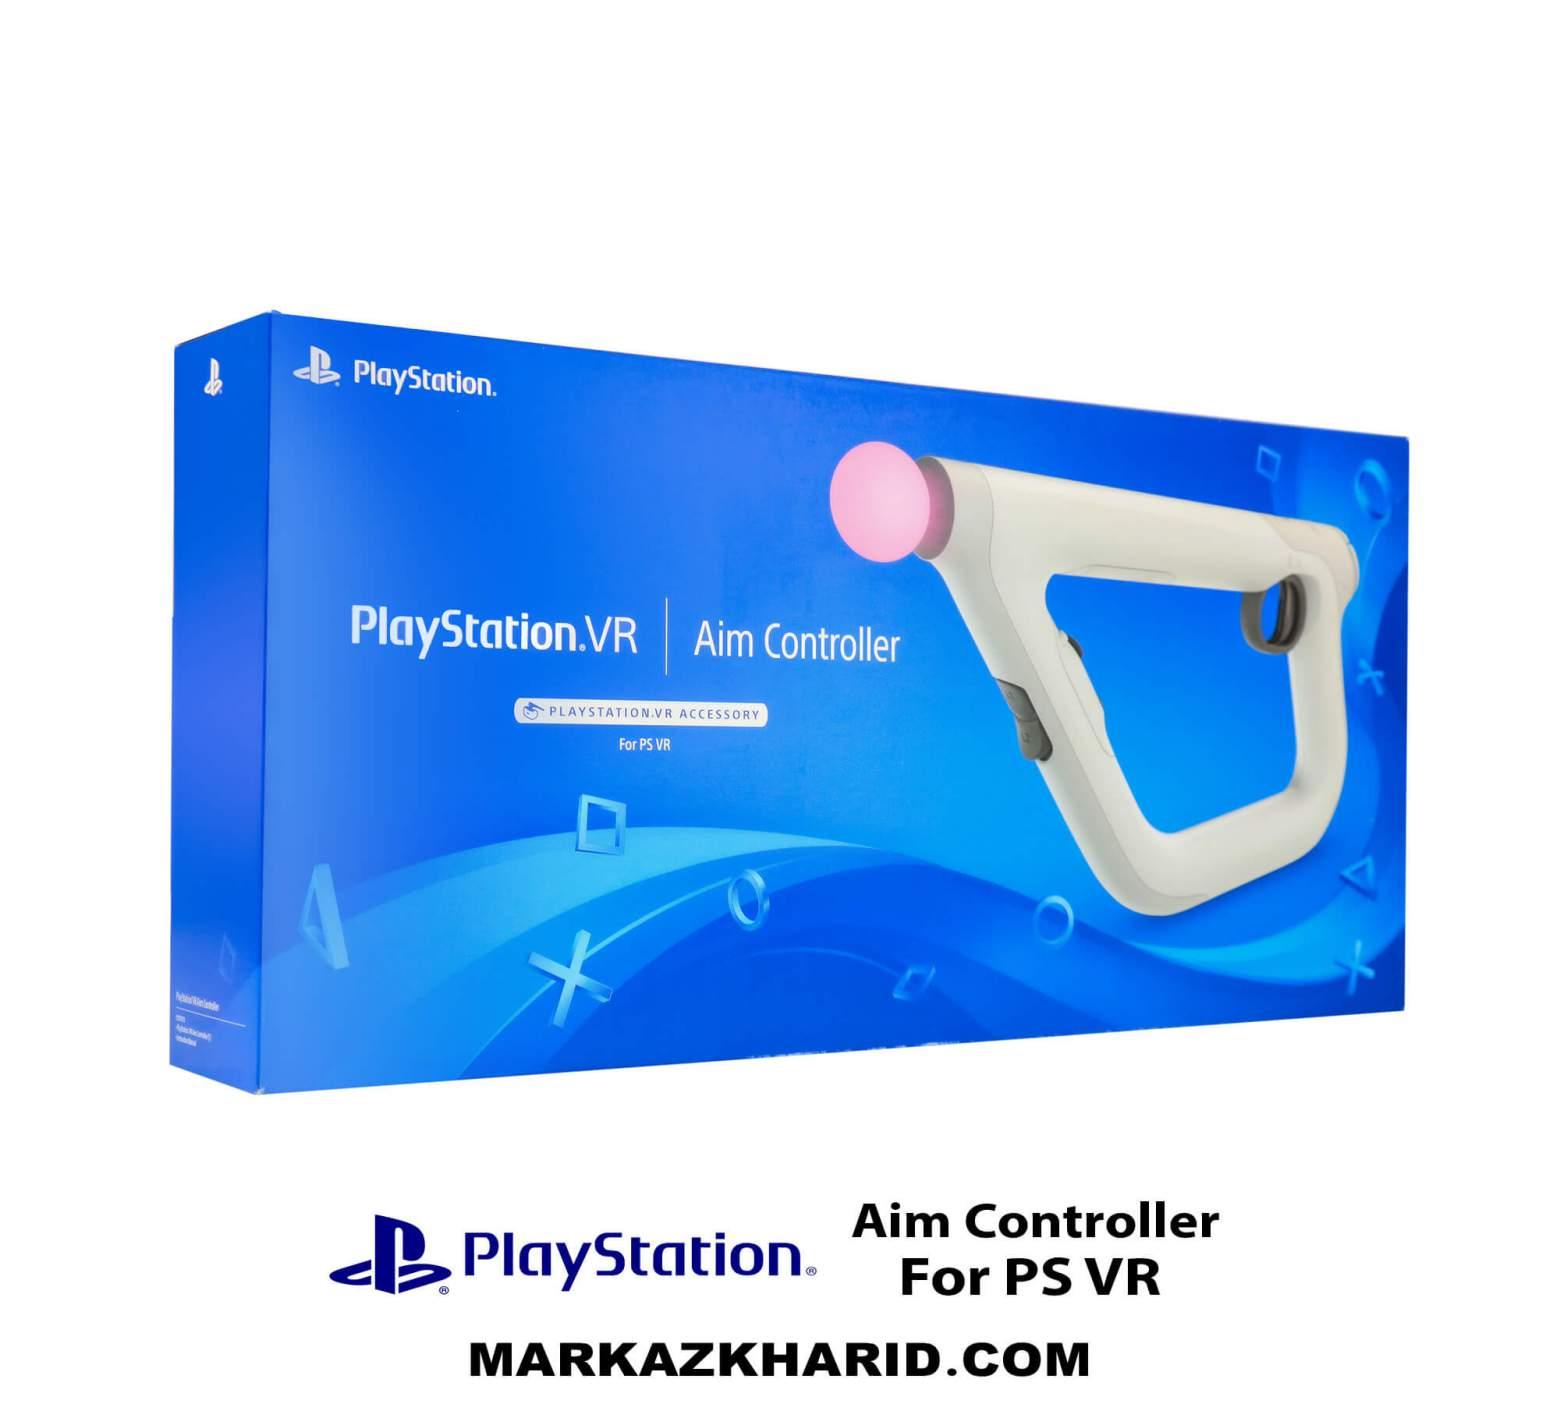 تفنگ پلی استیشن واقعیت مجازی Playstation VR Aim Controller